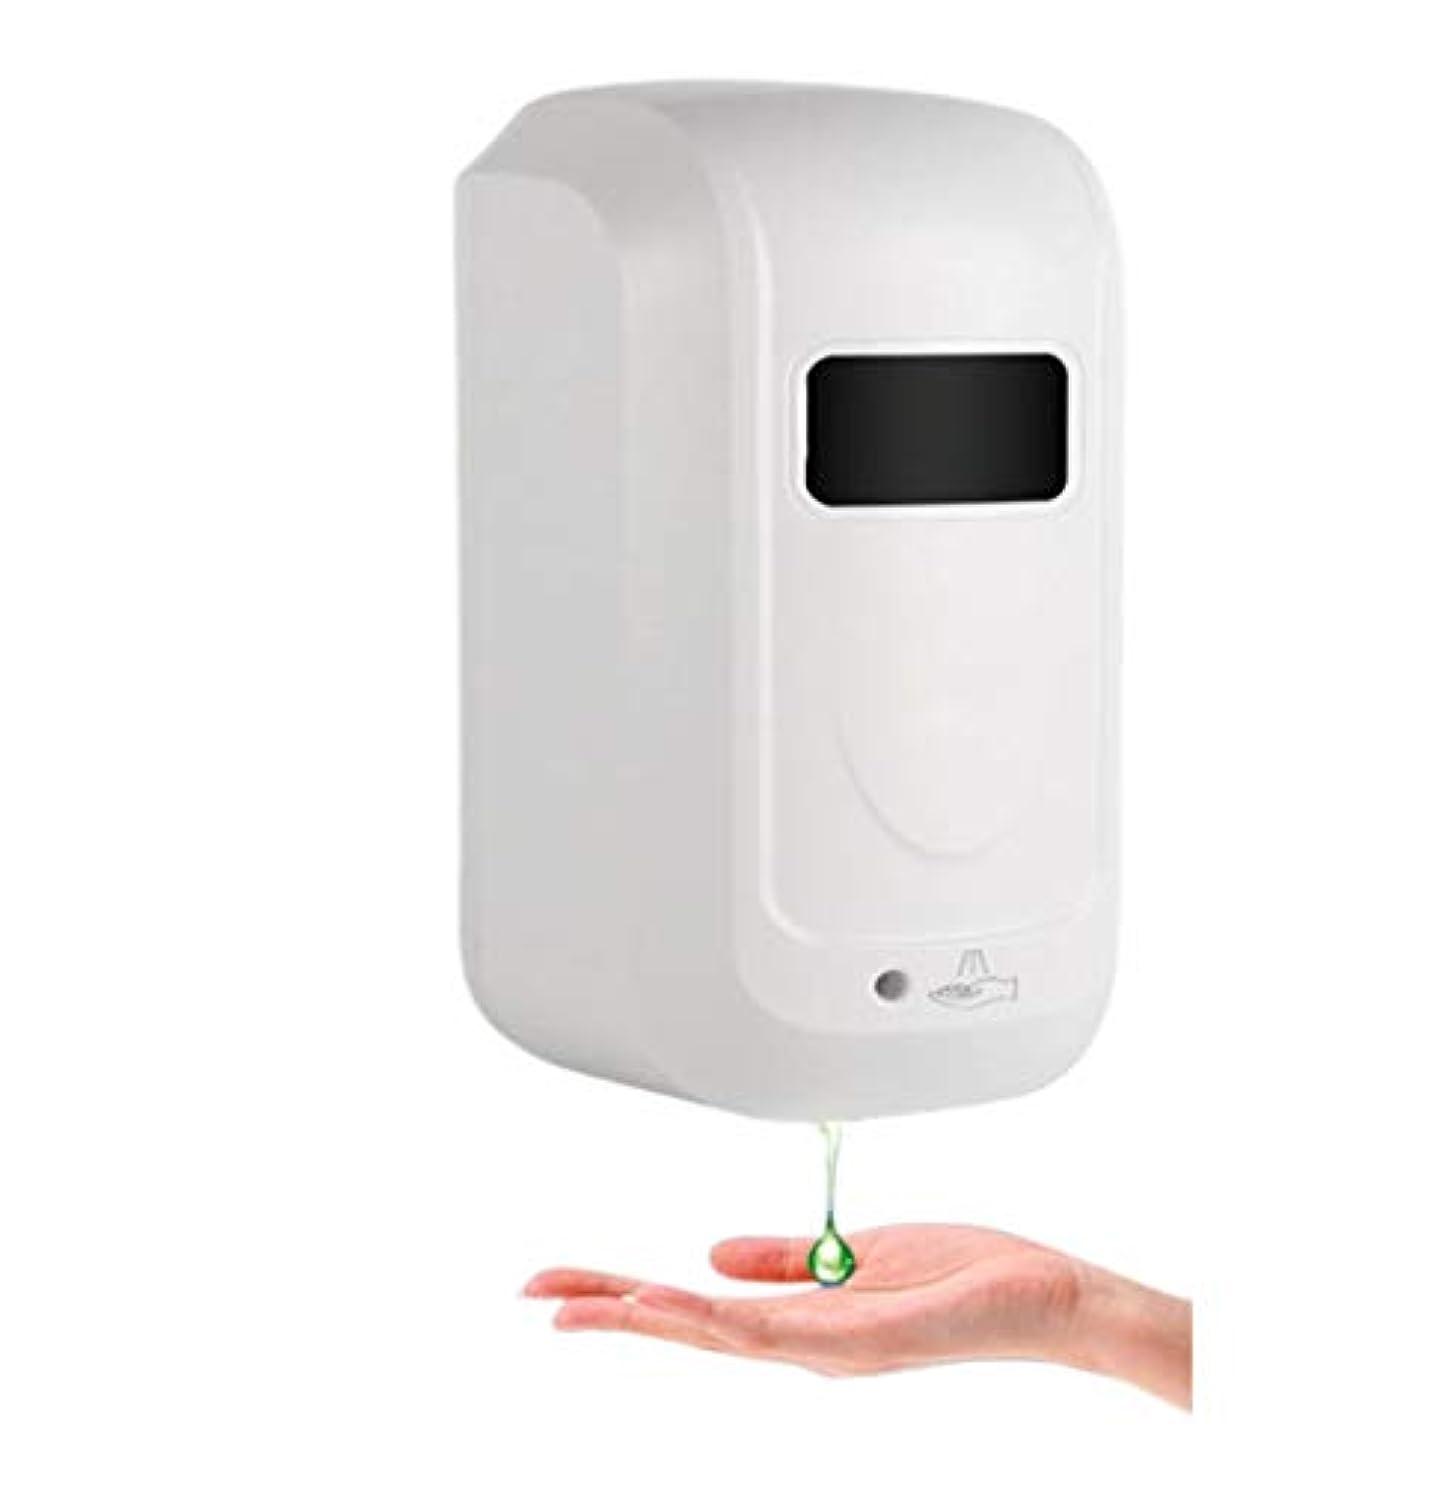 狂気サークルからかう壁に取り付けられた自動石鹸ディスペンサーの白、電気自動石鹸ディスペンサーの電池式の接触自由な1000ml浴室の台所オフィスホテルのための大きい容量